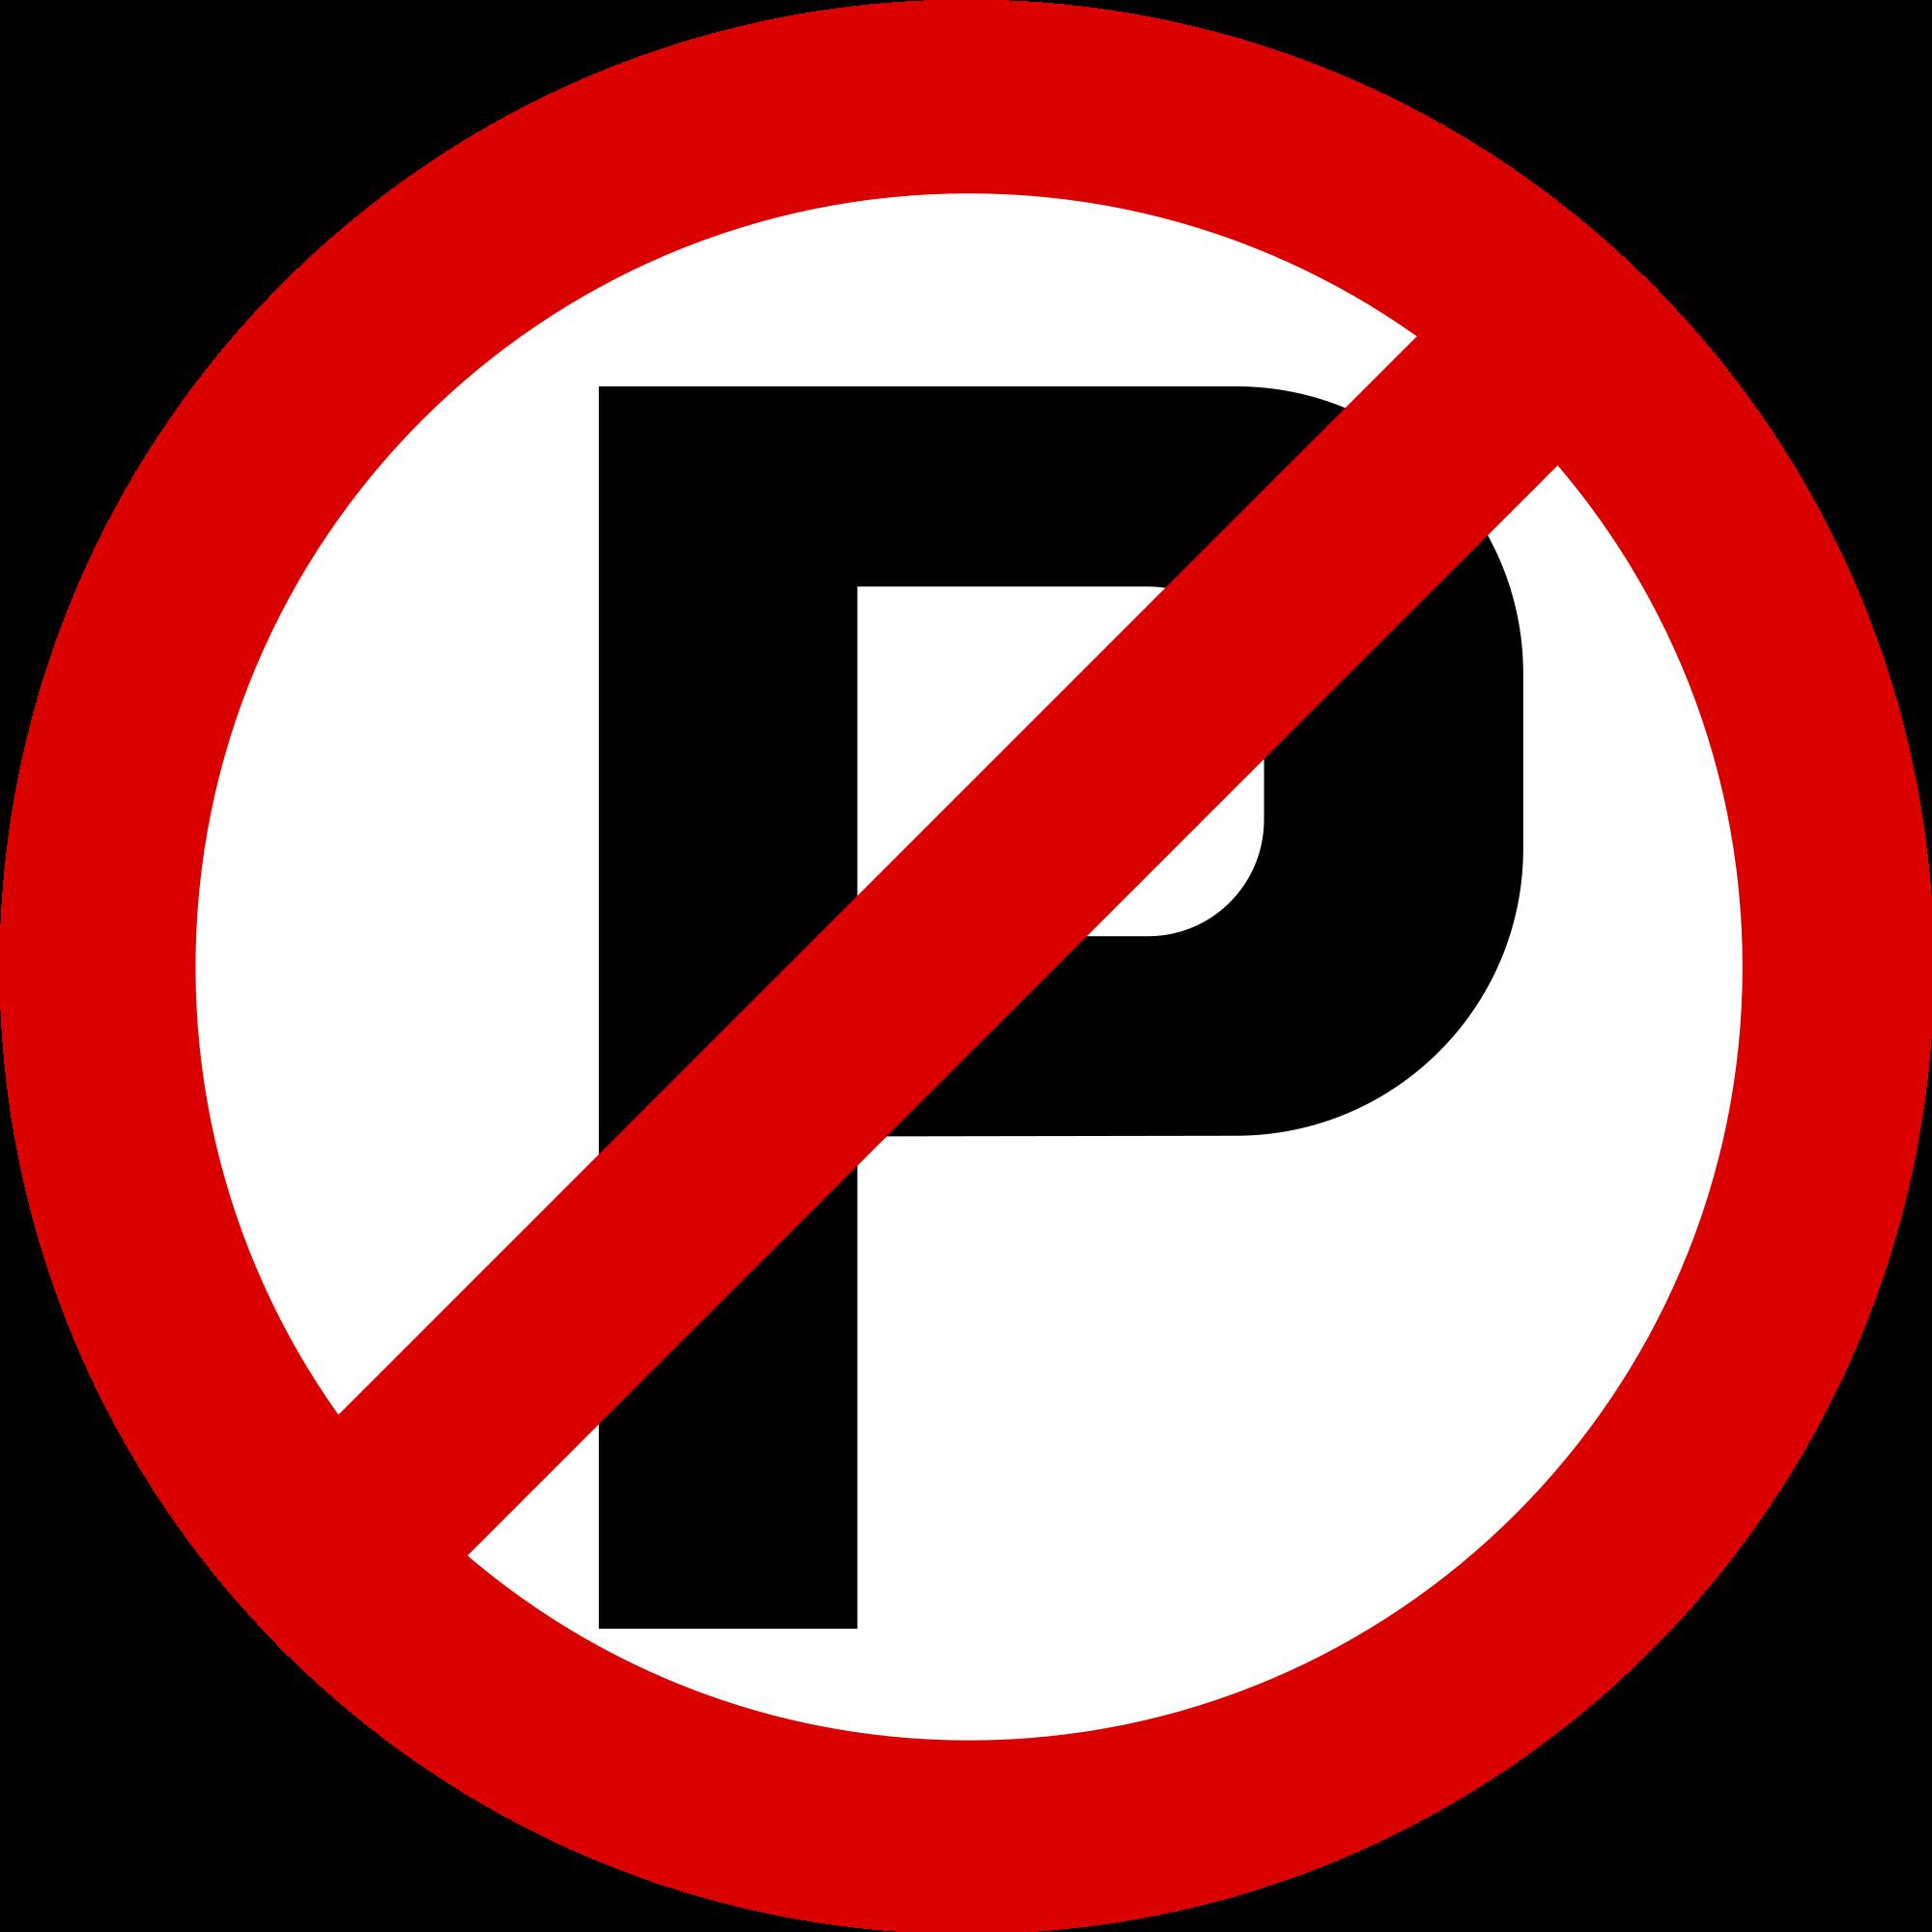 No Parking Vector.